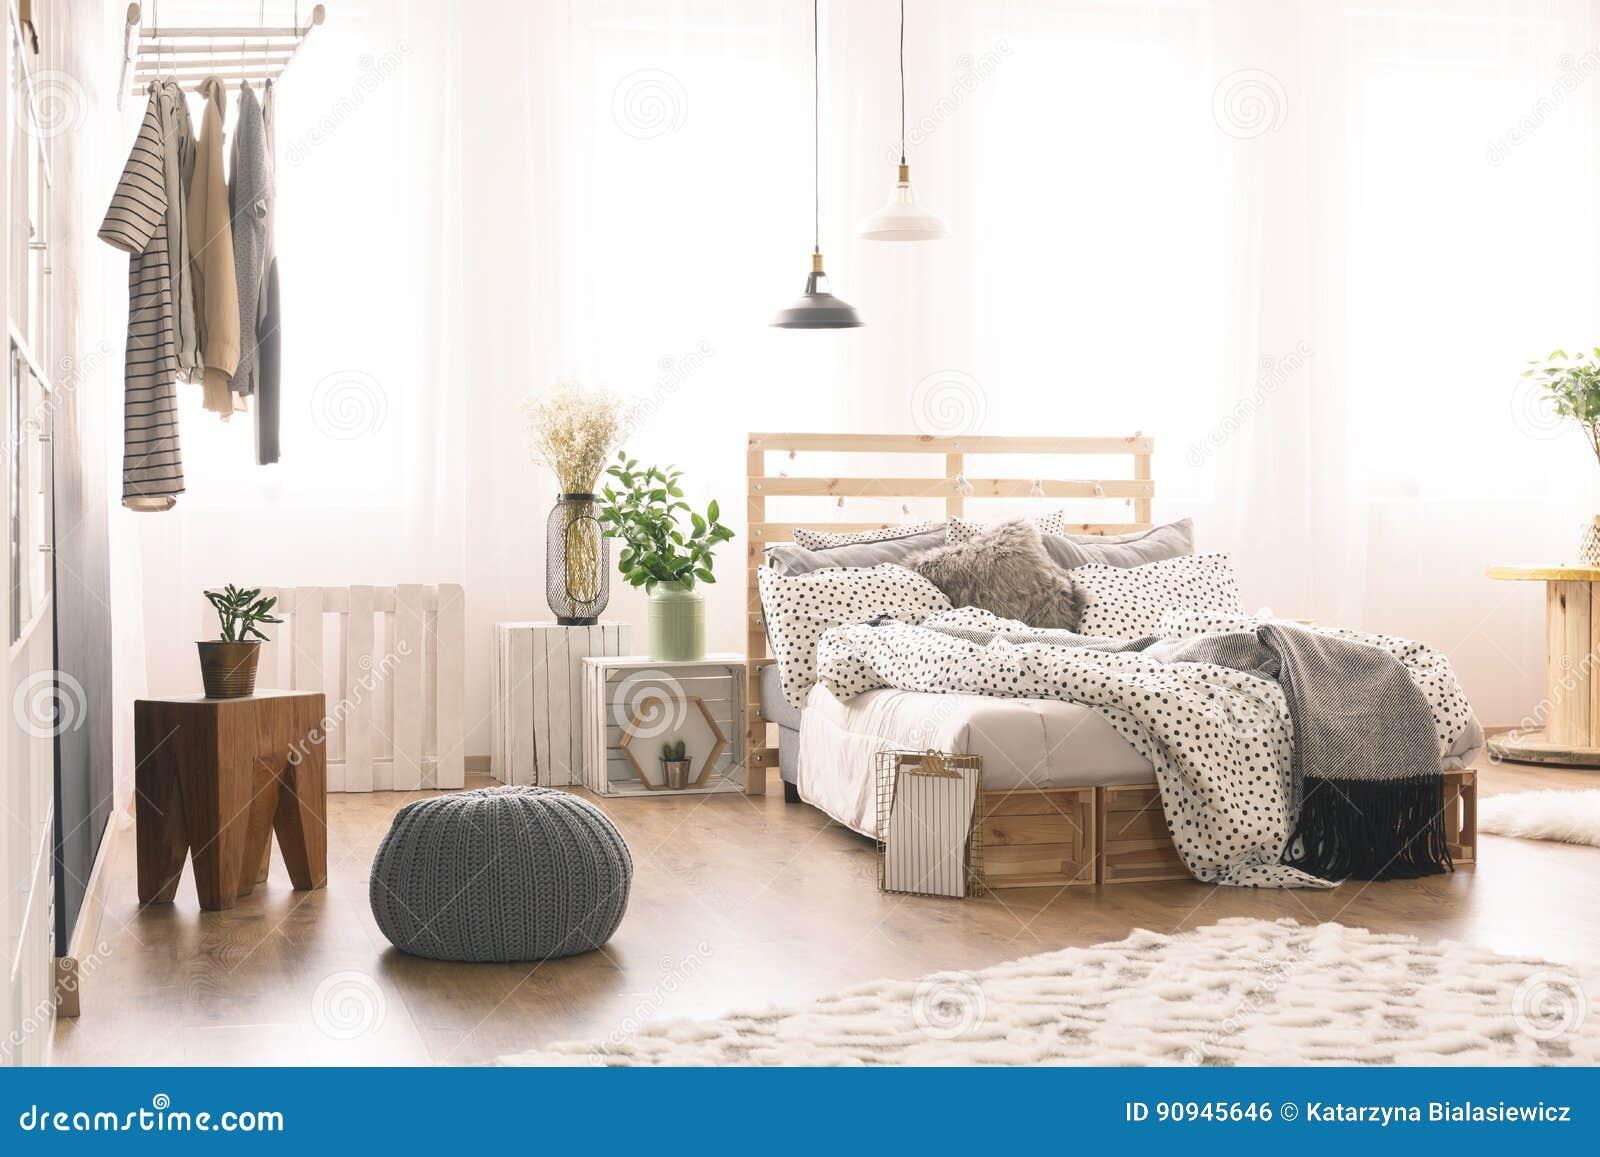 Chambre à Coucher Avec Les Meubles Modernes Photo stock ...